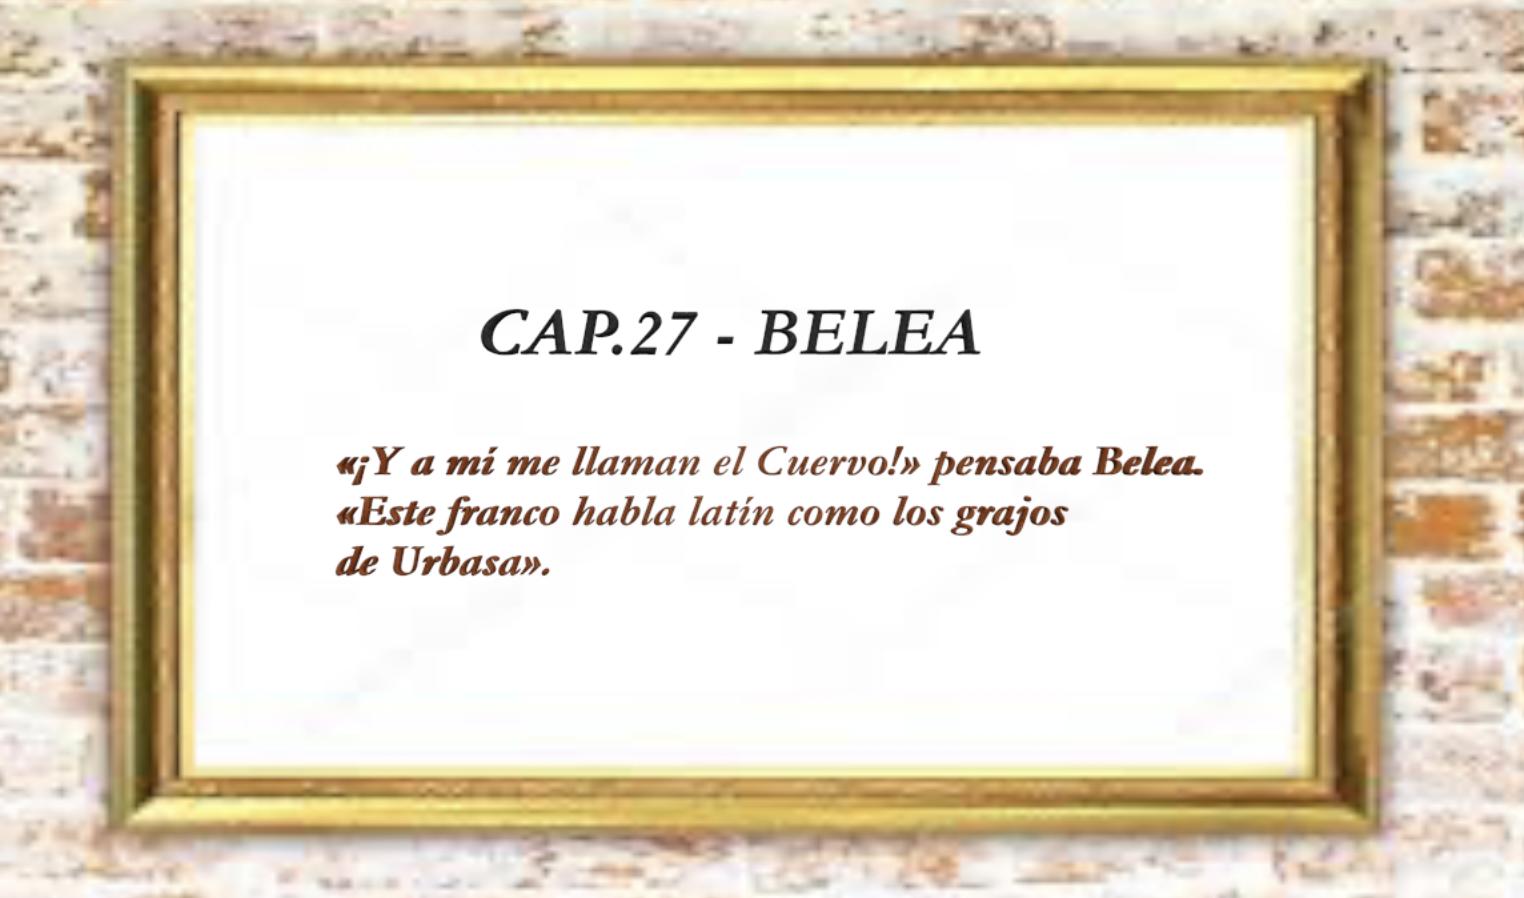 27 belea 1